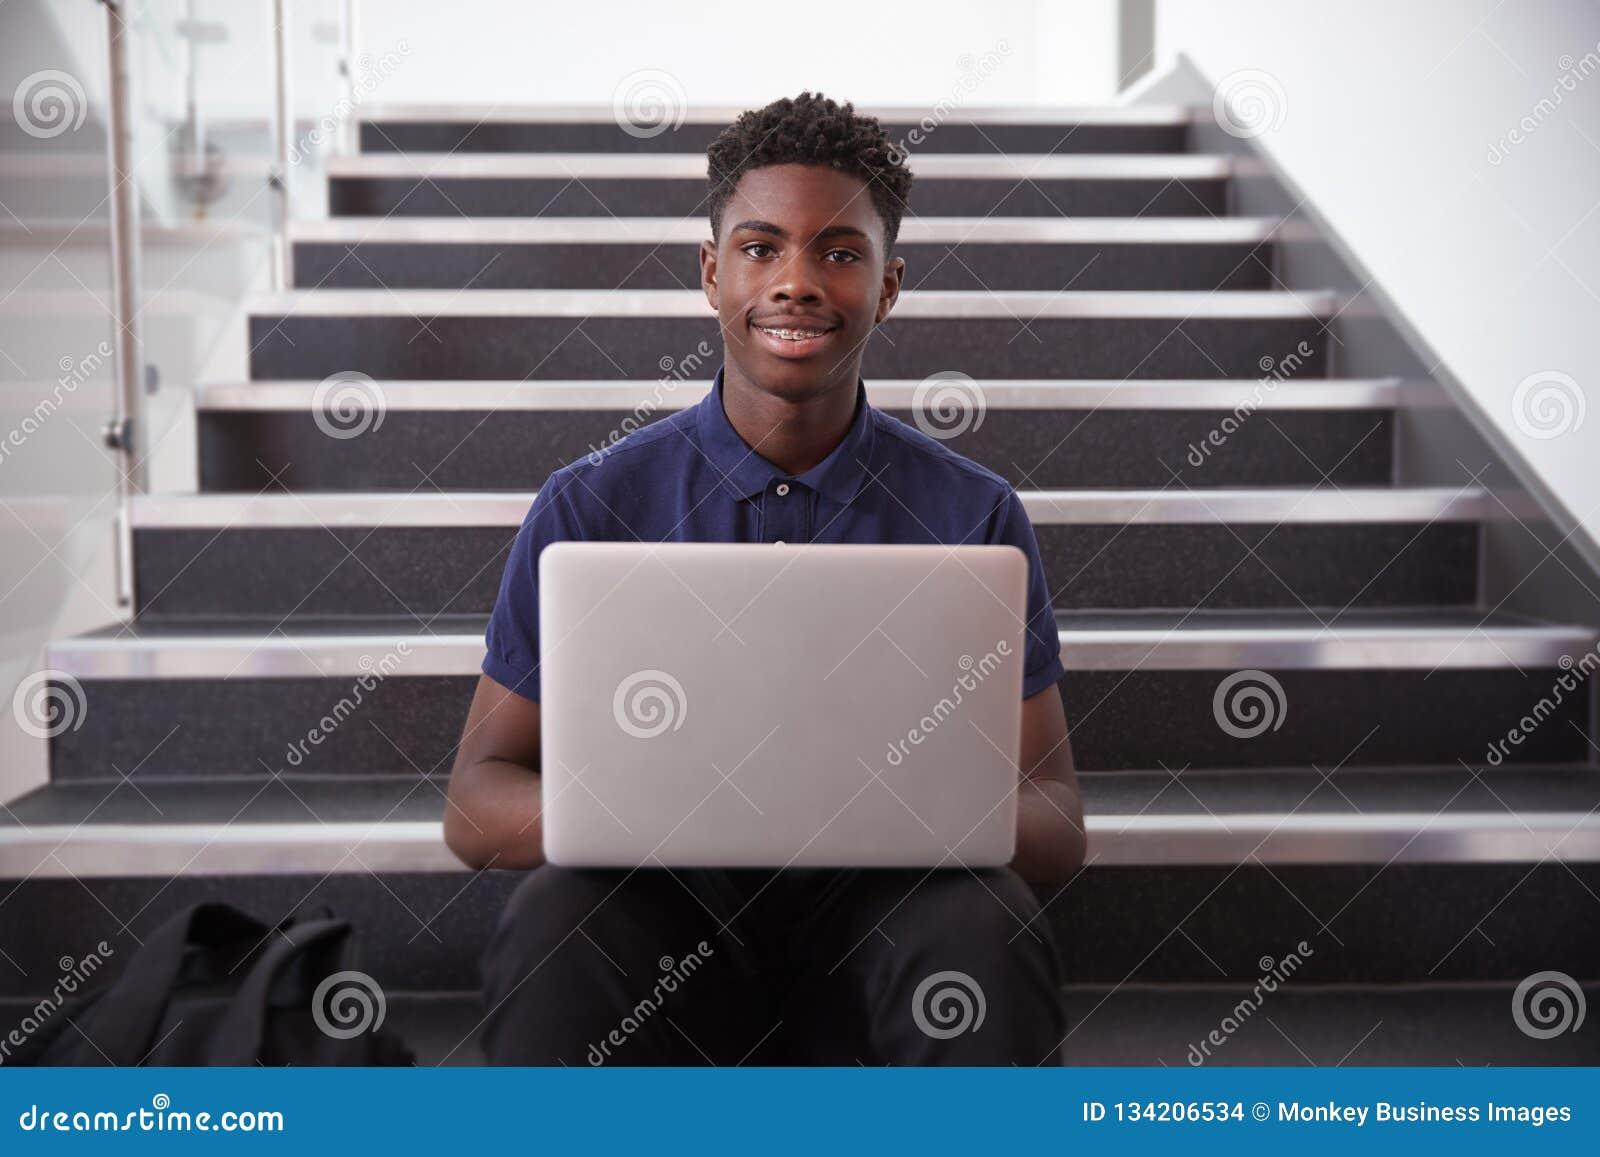 Retrato do estudante masculino Sitting On Staircase da High School e do portátil da utilização